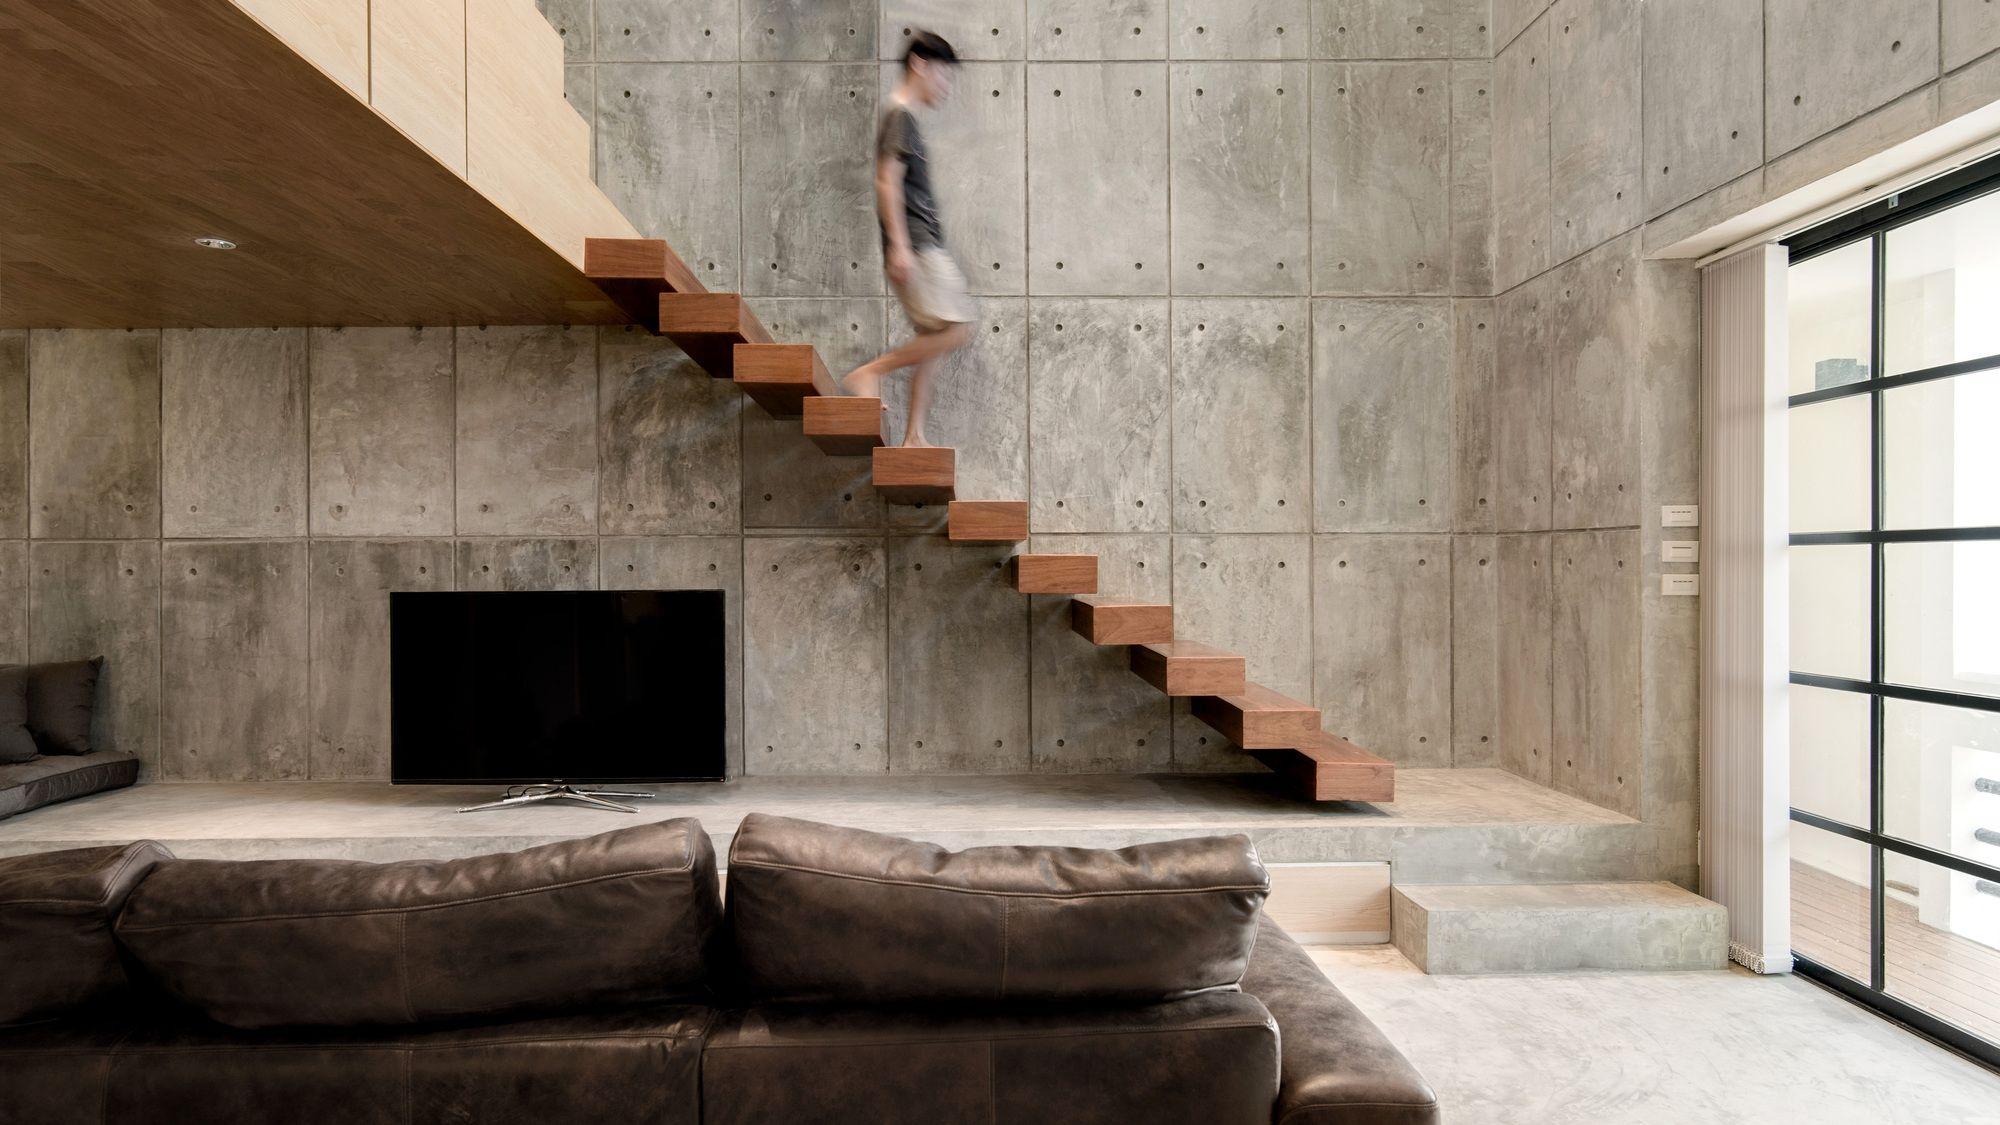 деревянная лестница в интерьере лофта